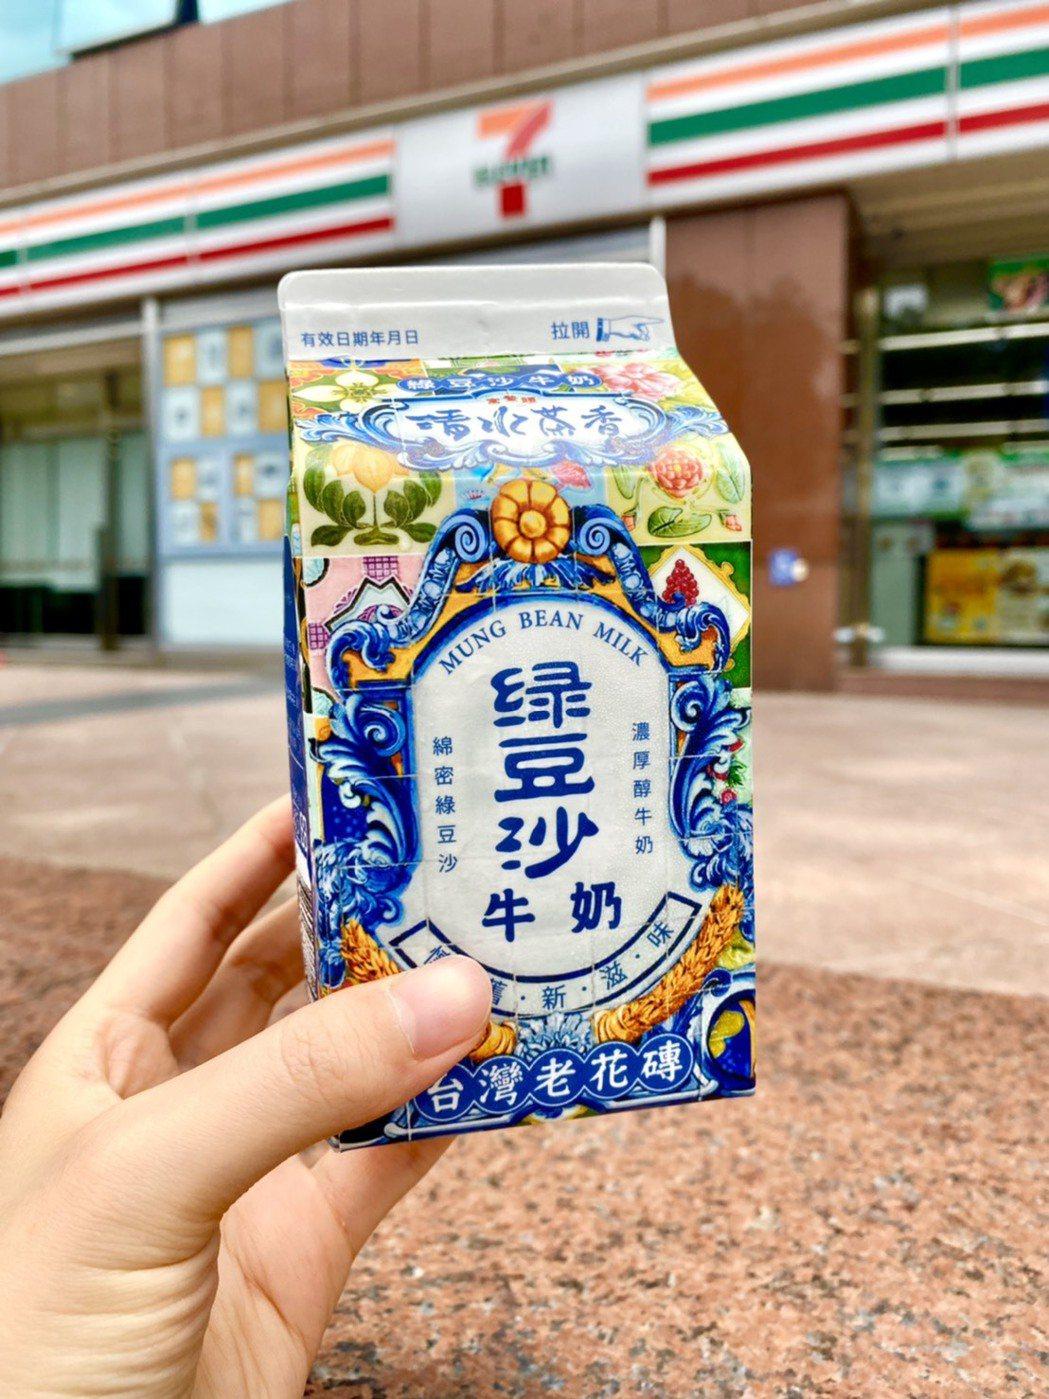 「清水茶香綠豆沙牛奶」,售價35元,6月2日前可享嘗鮮價32元。圖/7-ELEV...